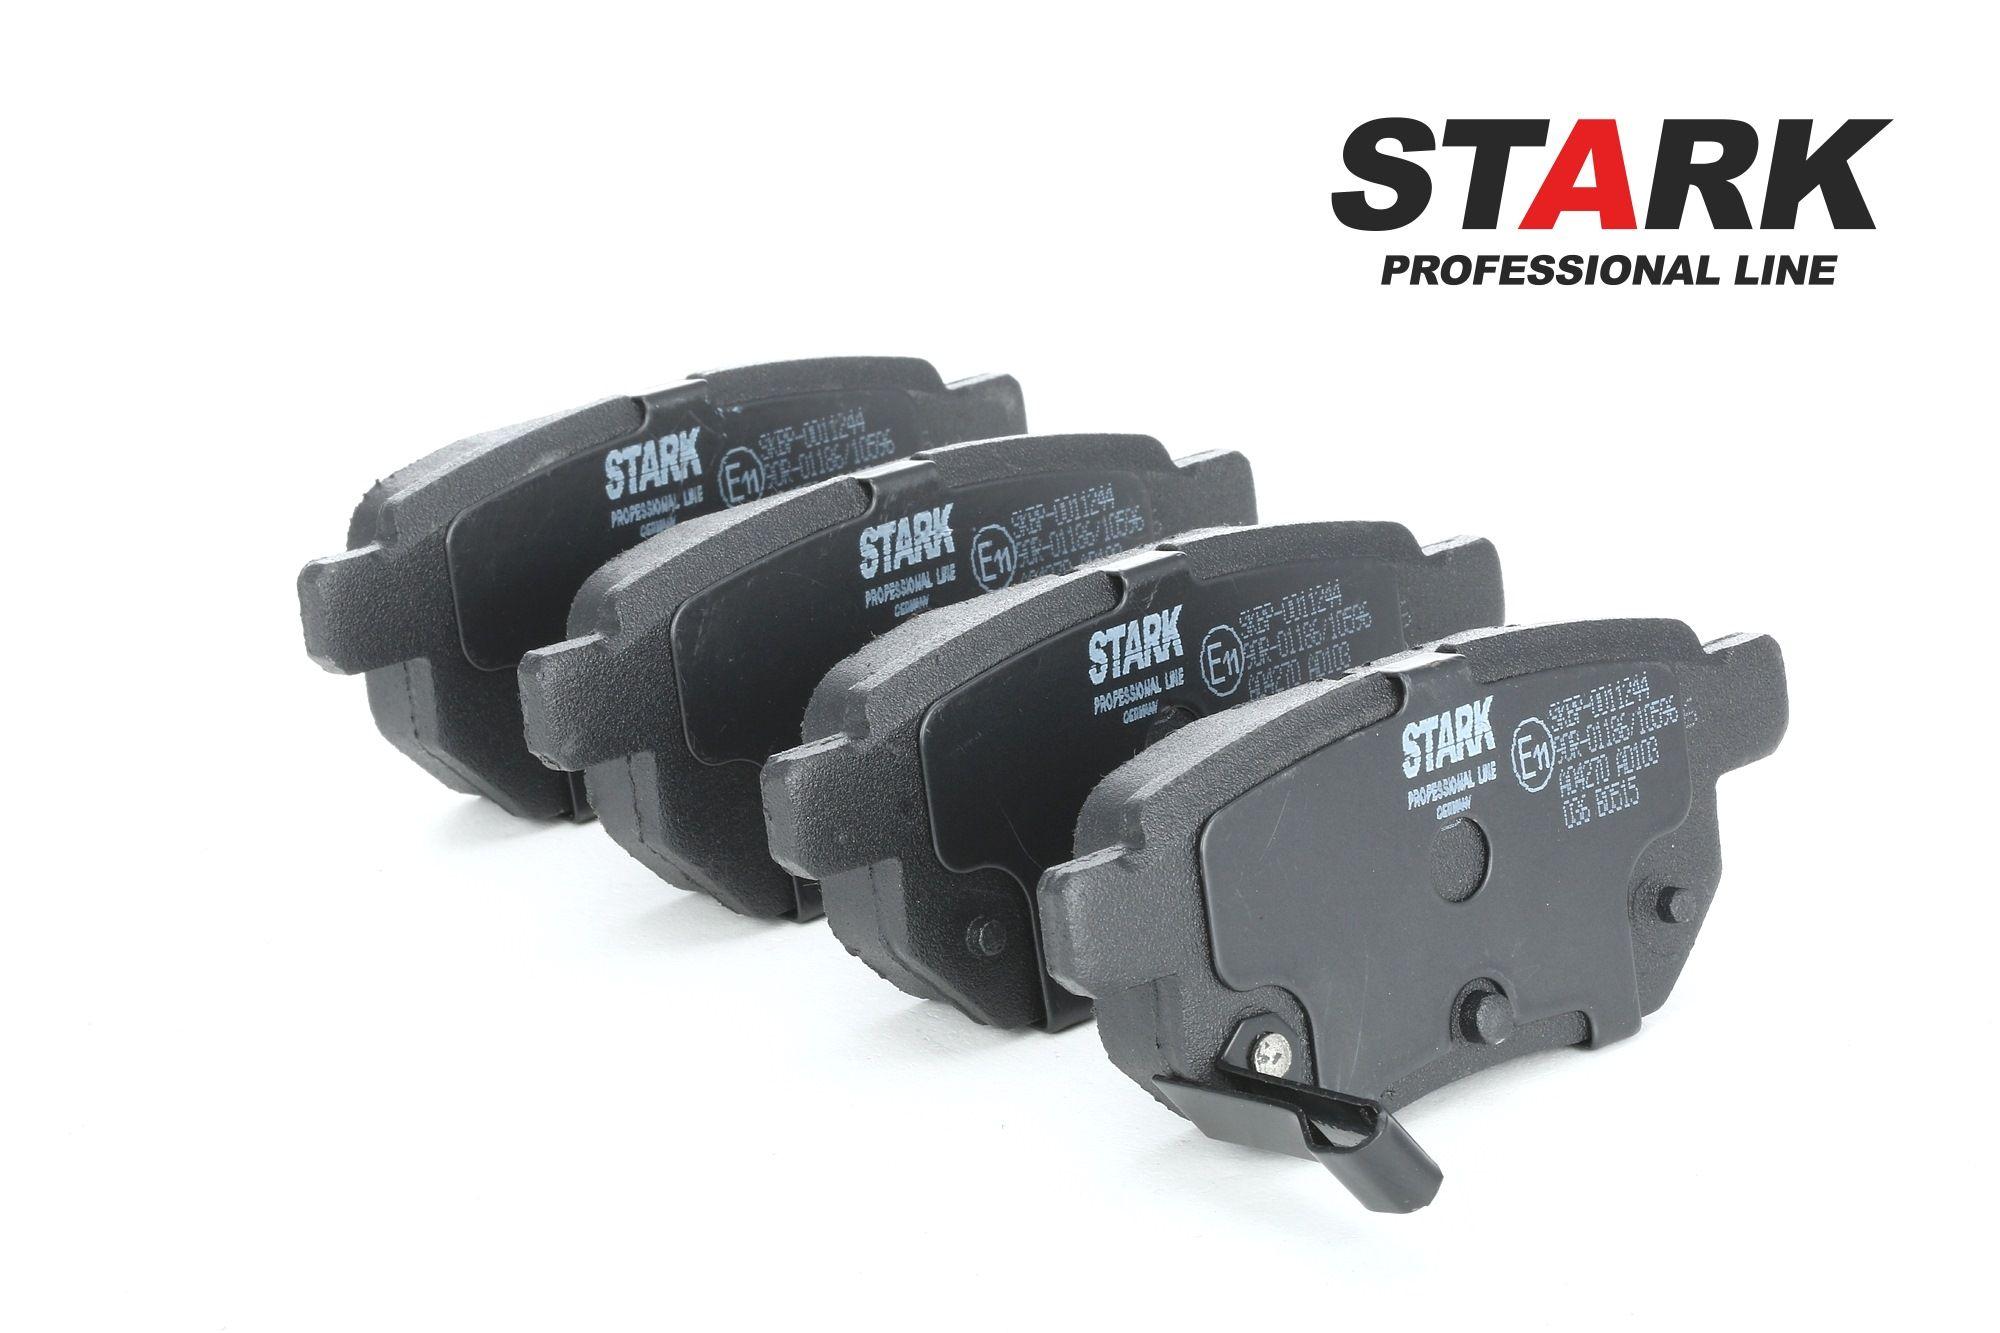 SUBARU TREZIA 2015 Bremsklötze - Original STARK SKBP-0011244 Höhe: 42,6mm, Breite: 98,7mm, Dicke/Stärke: 14,3mm